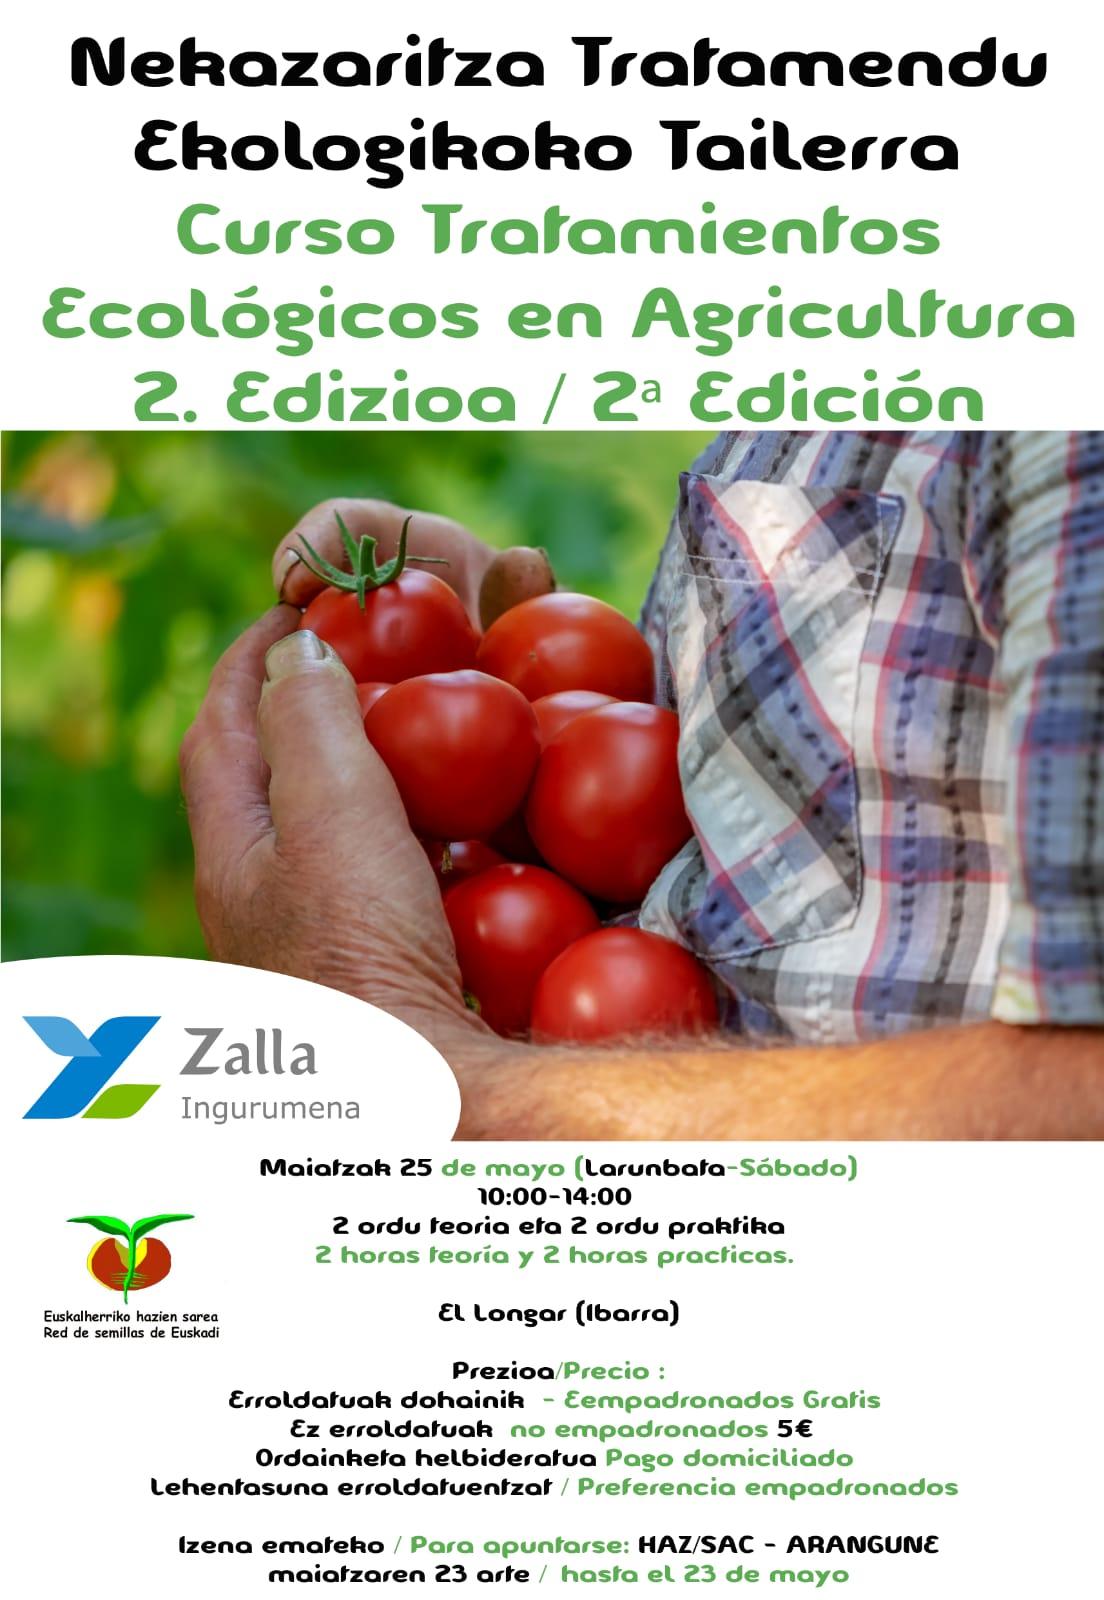 Curso de Tratamientos Ecológicos en Agricultura